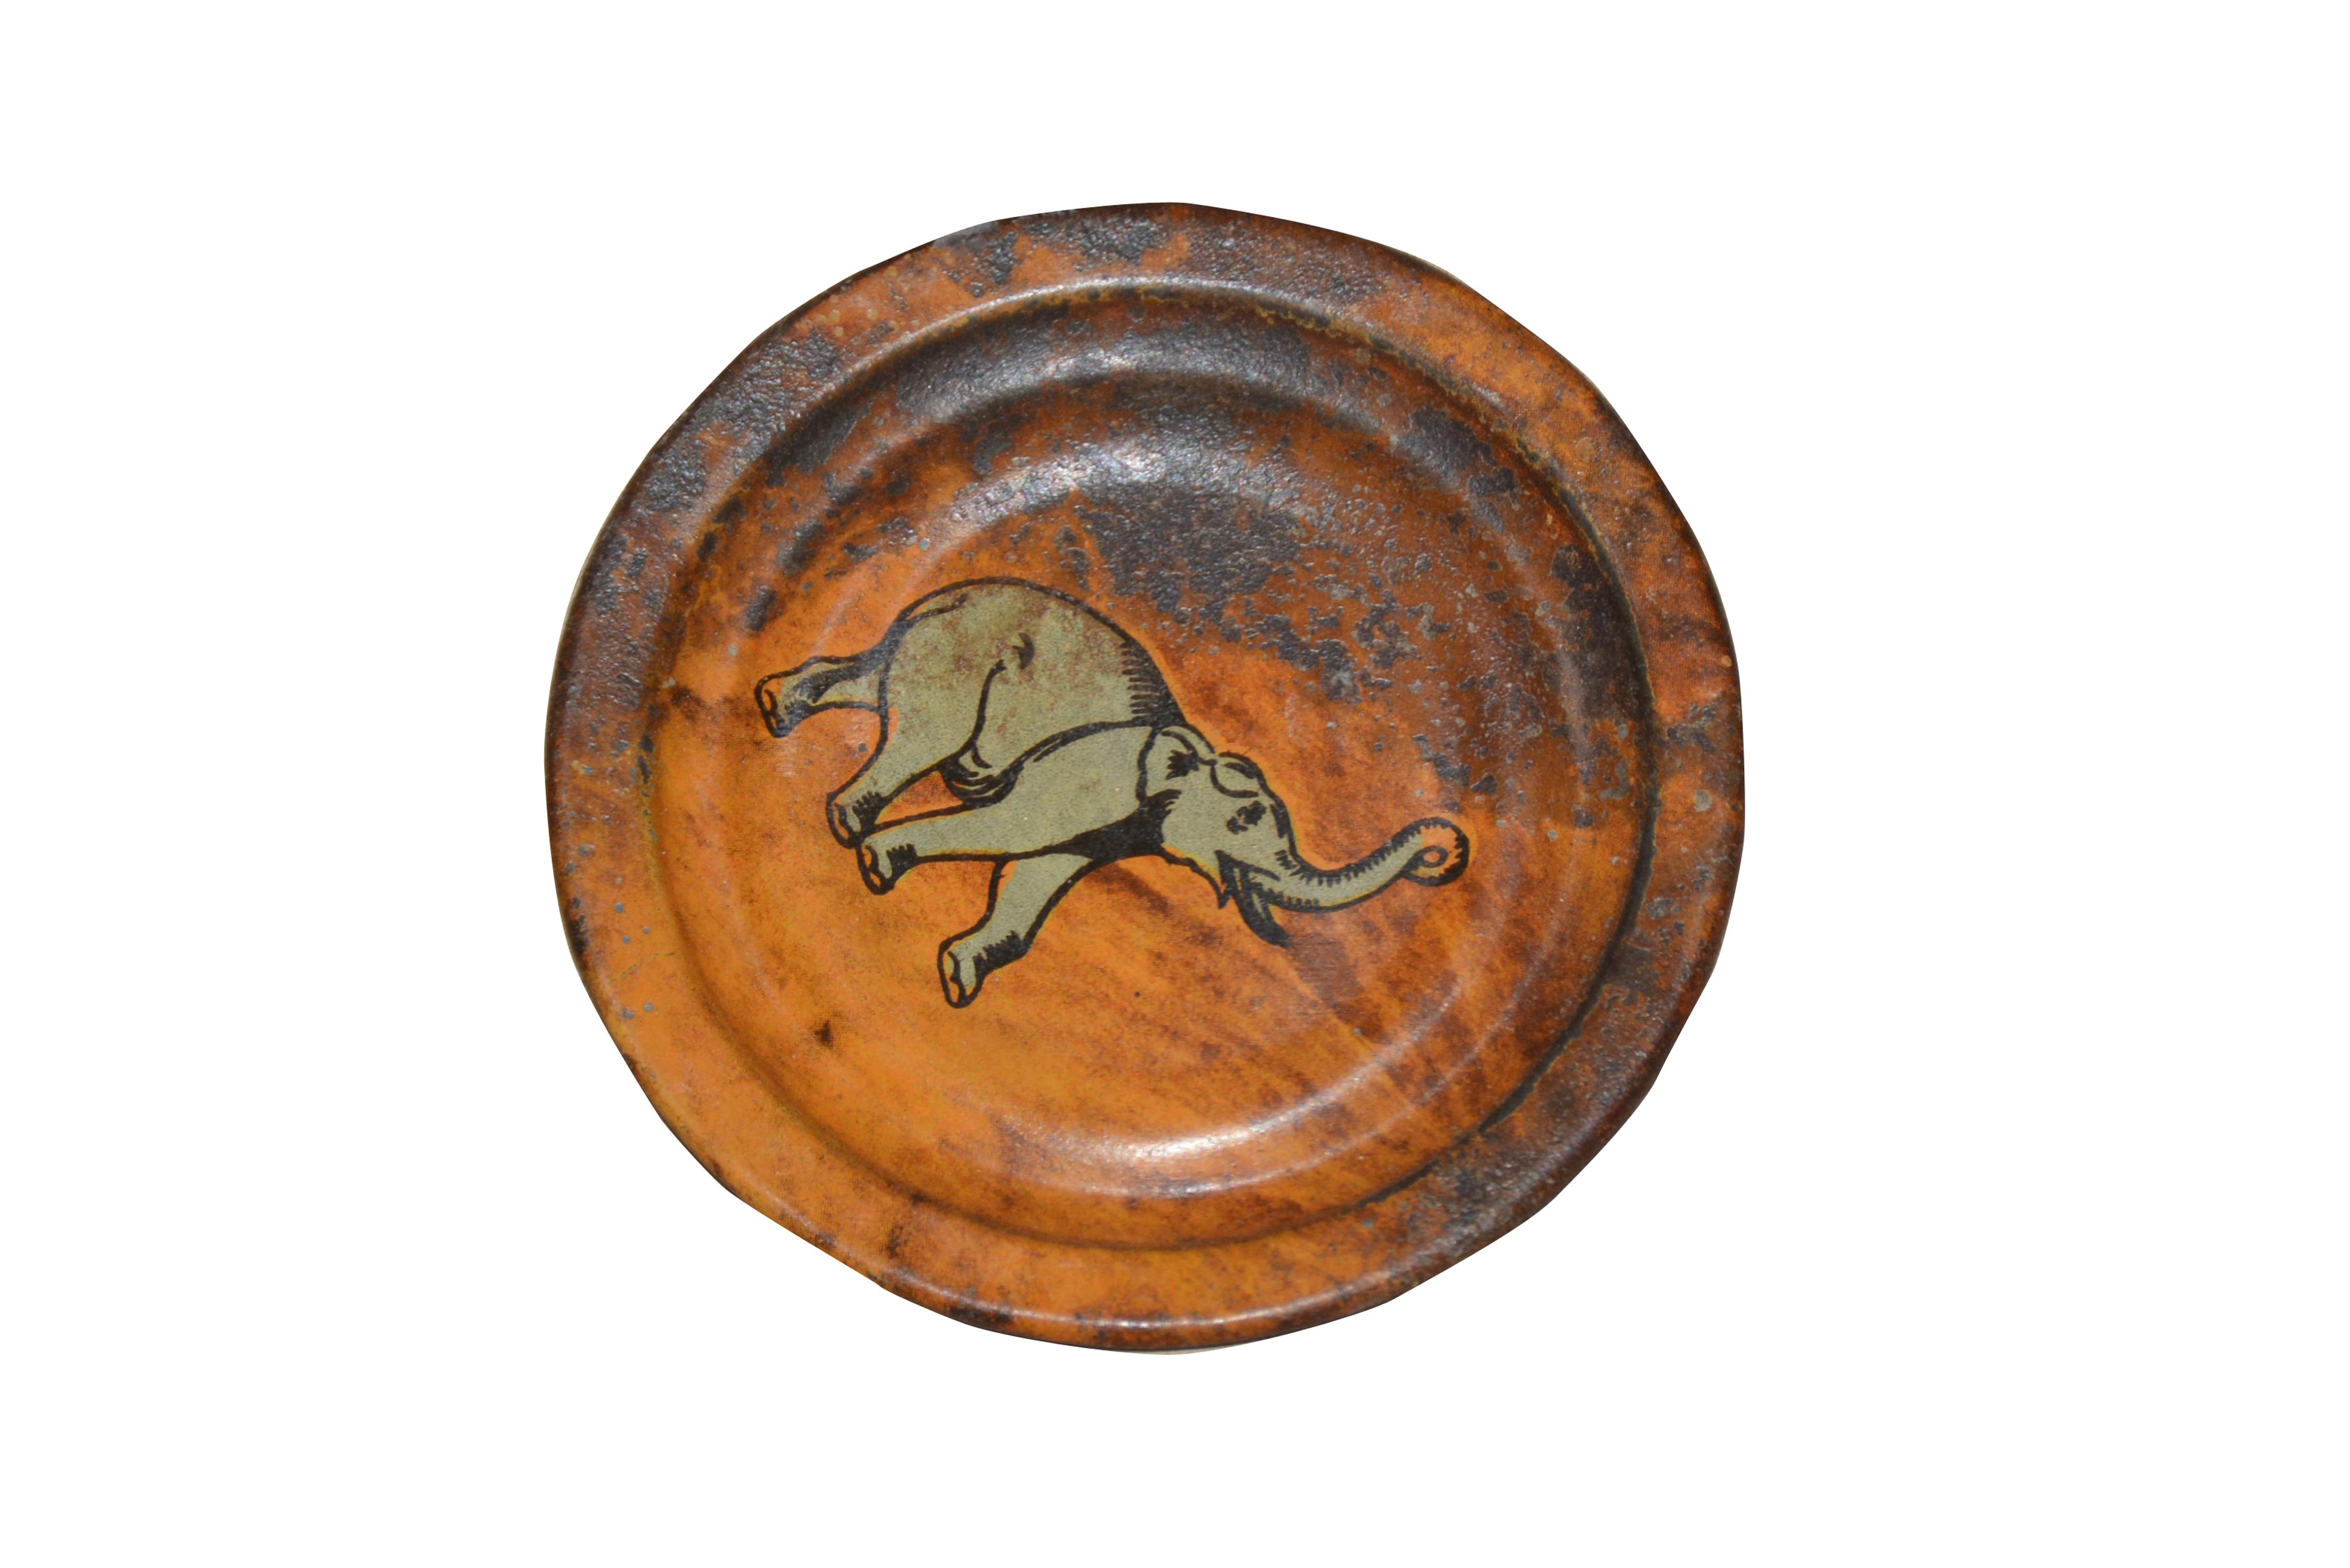 ANJO1428 - diameter 6 cm